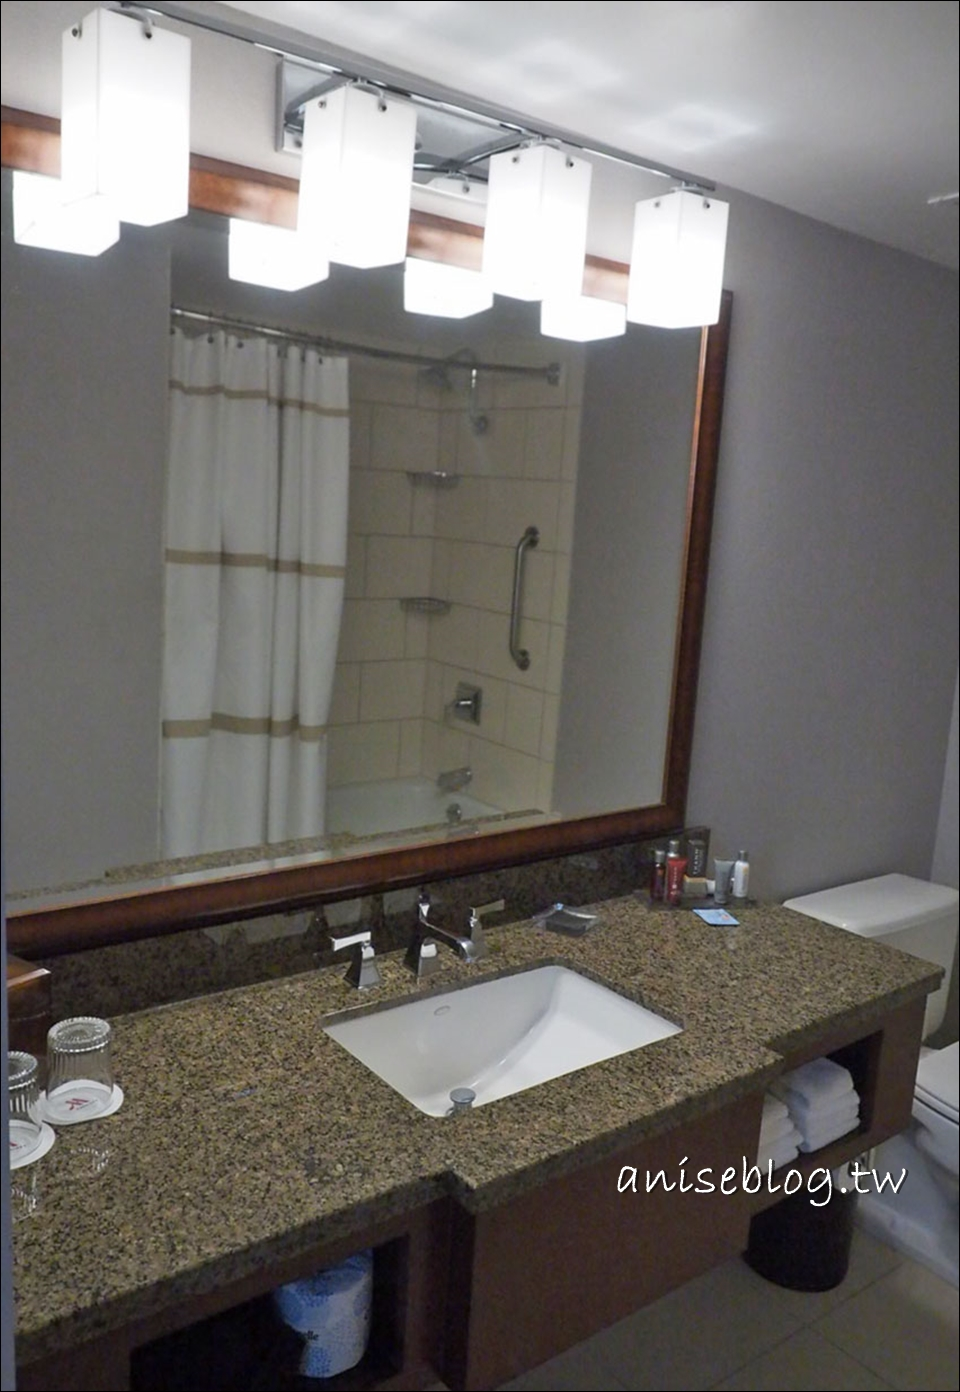 舊金山/核桃溪住宿推薦:萬豪酒店超大房間很素洗